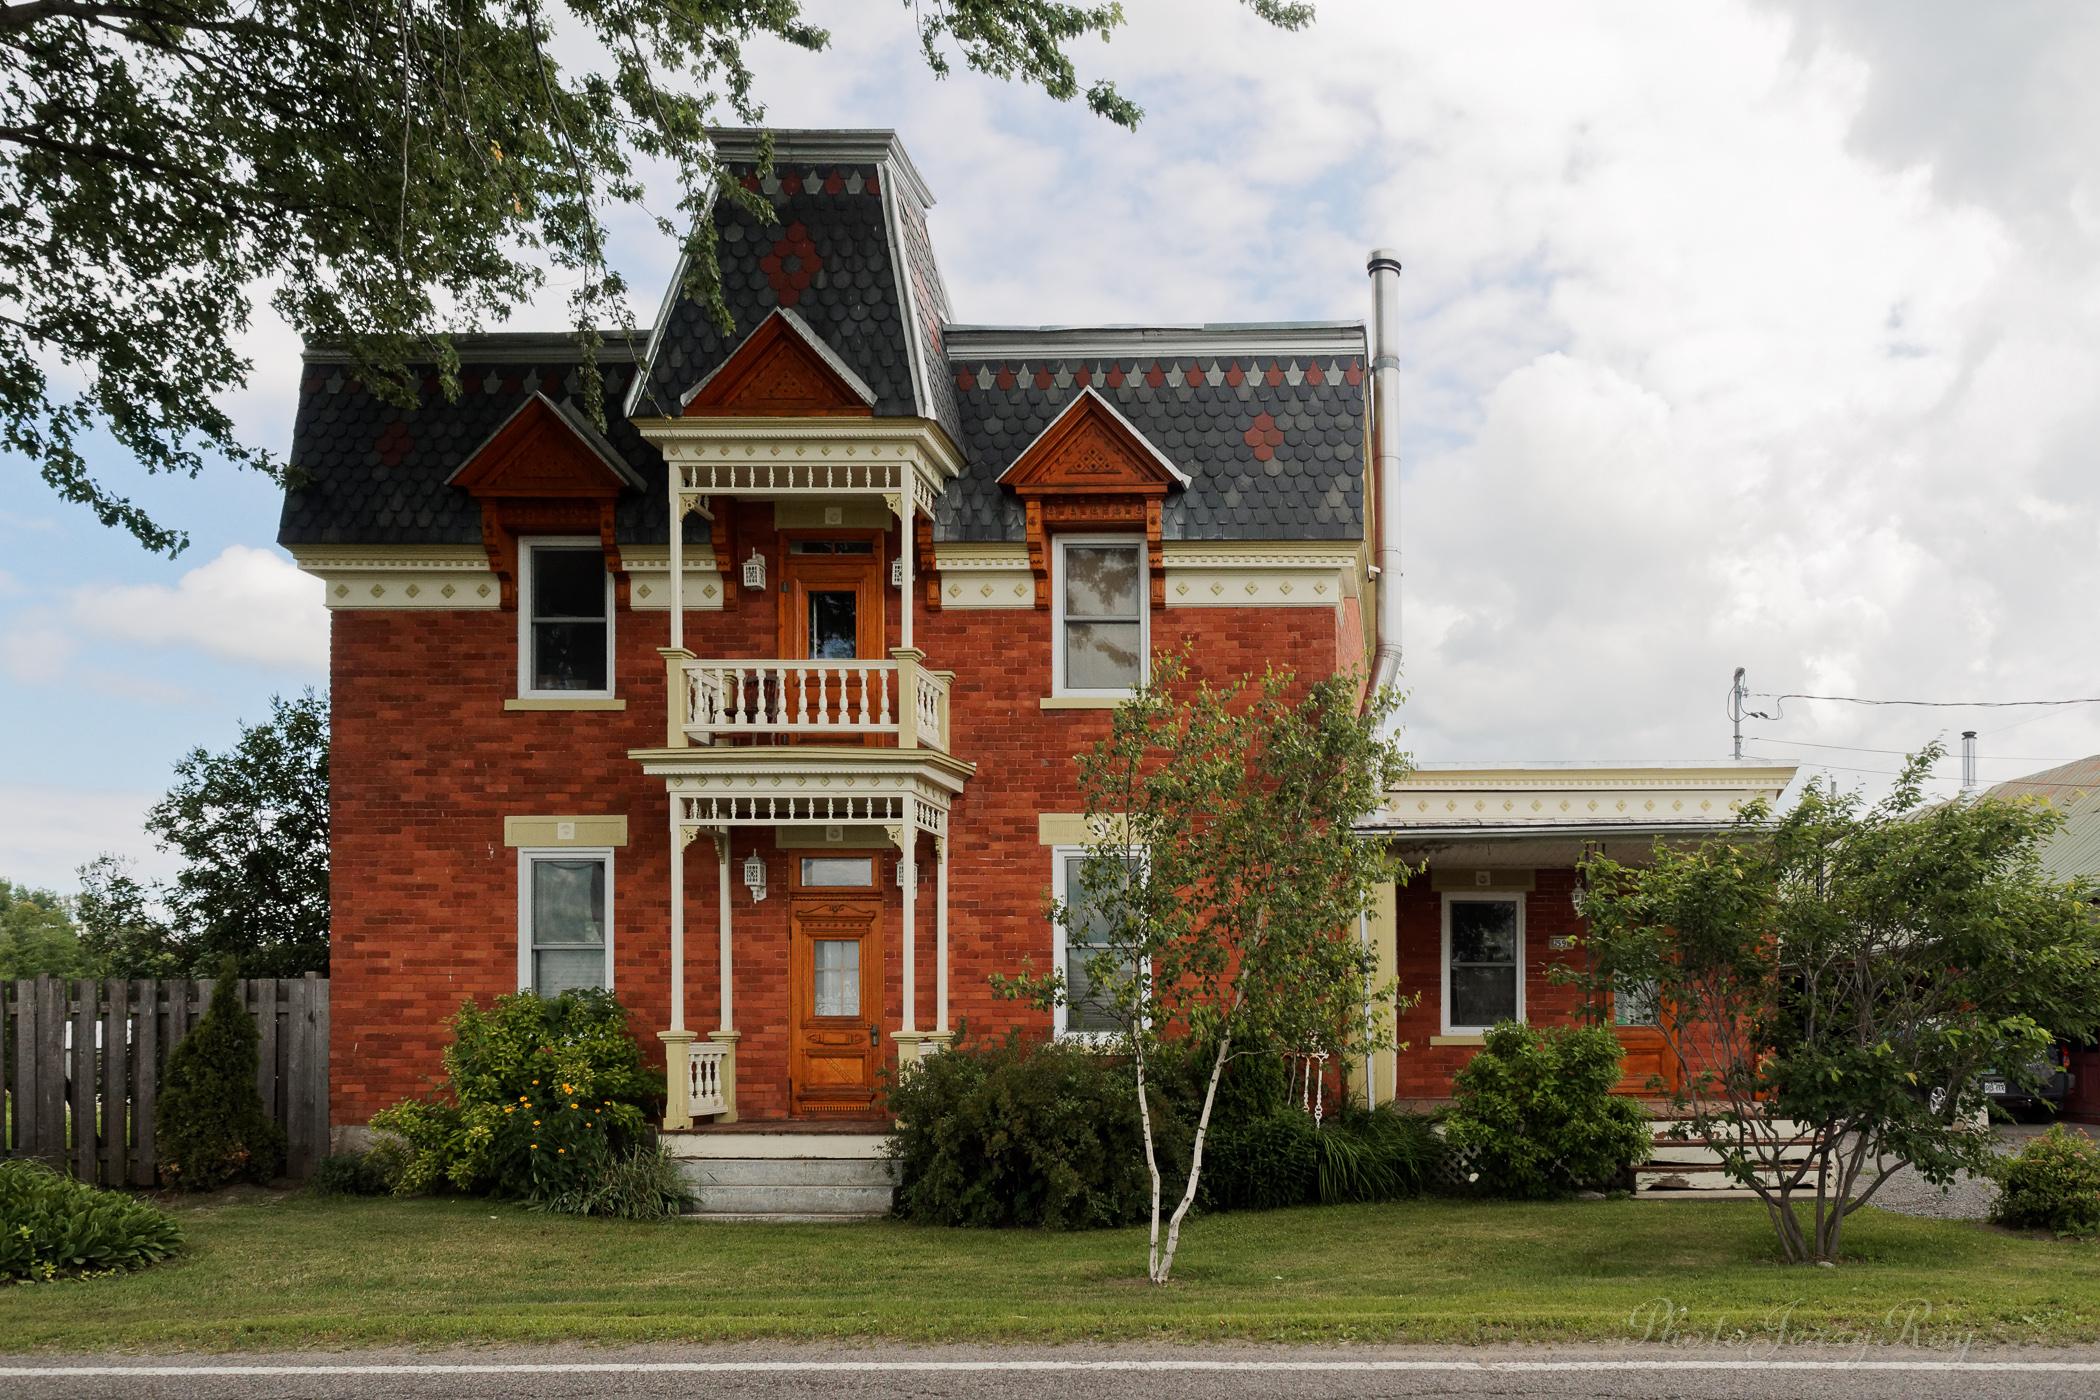 Maison d'inspiration Second-Empire à Saint-Esprit. Crédit photo : Jerry Roy